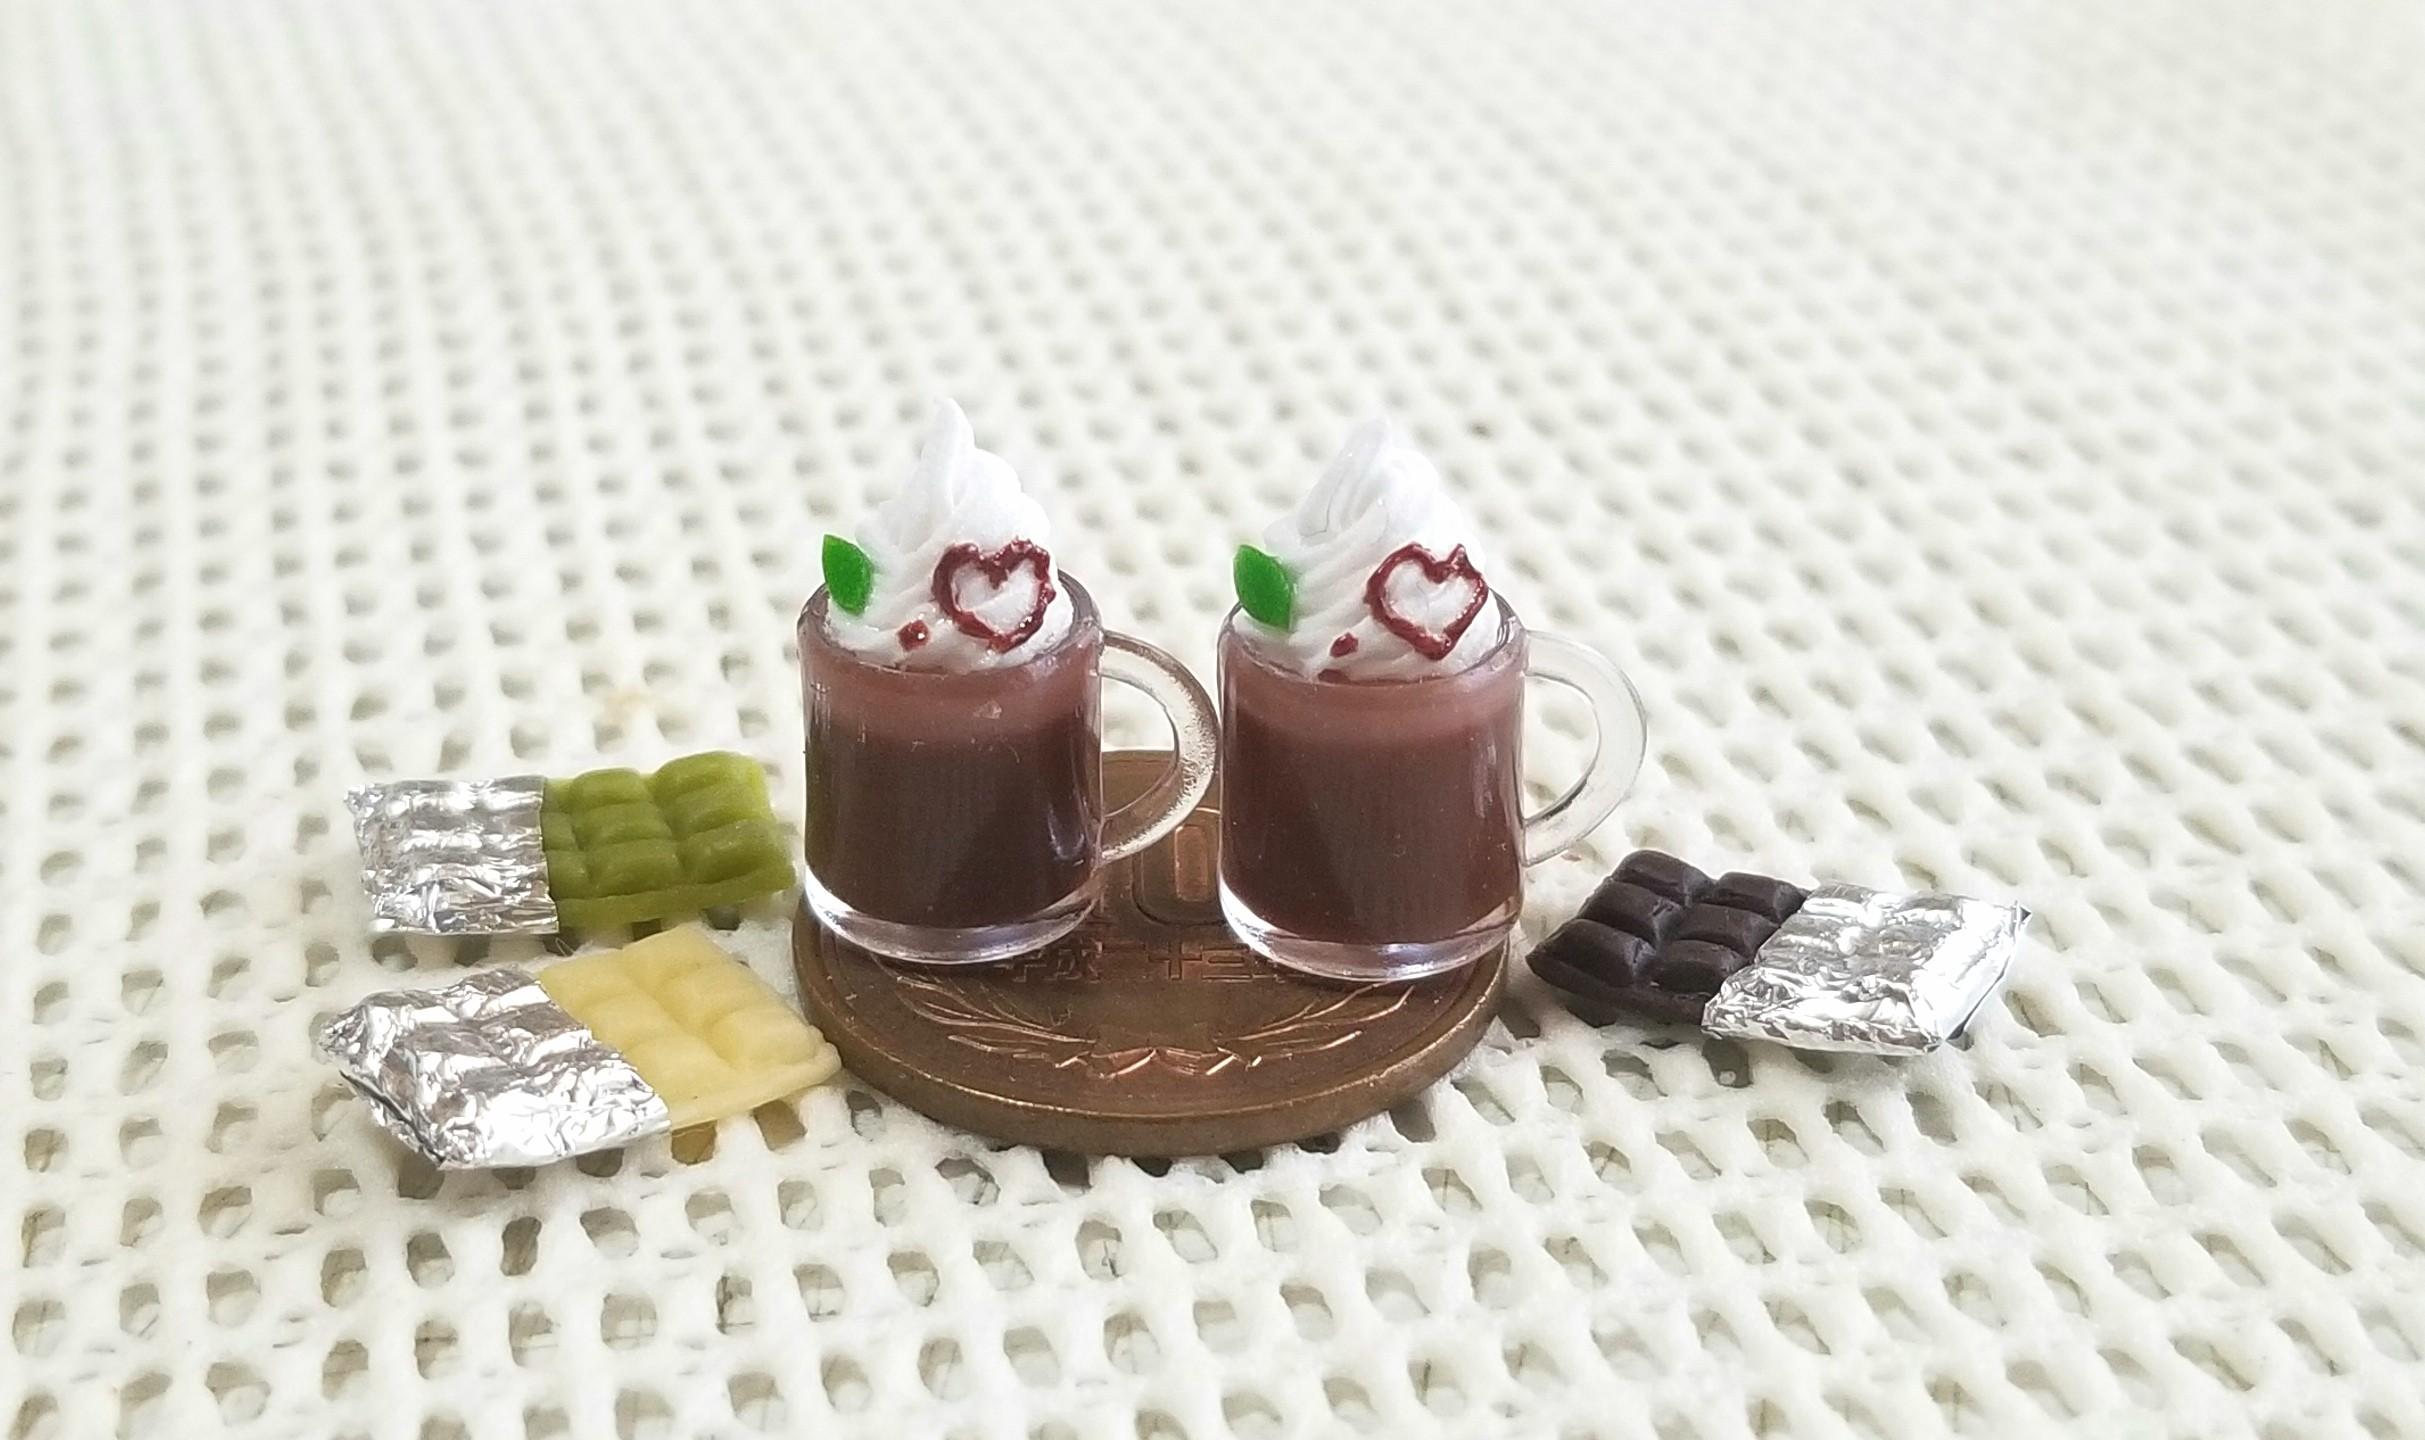 ミニチュアフード,チョコレートドリンク,ミニスウィーツドール,食品